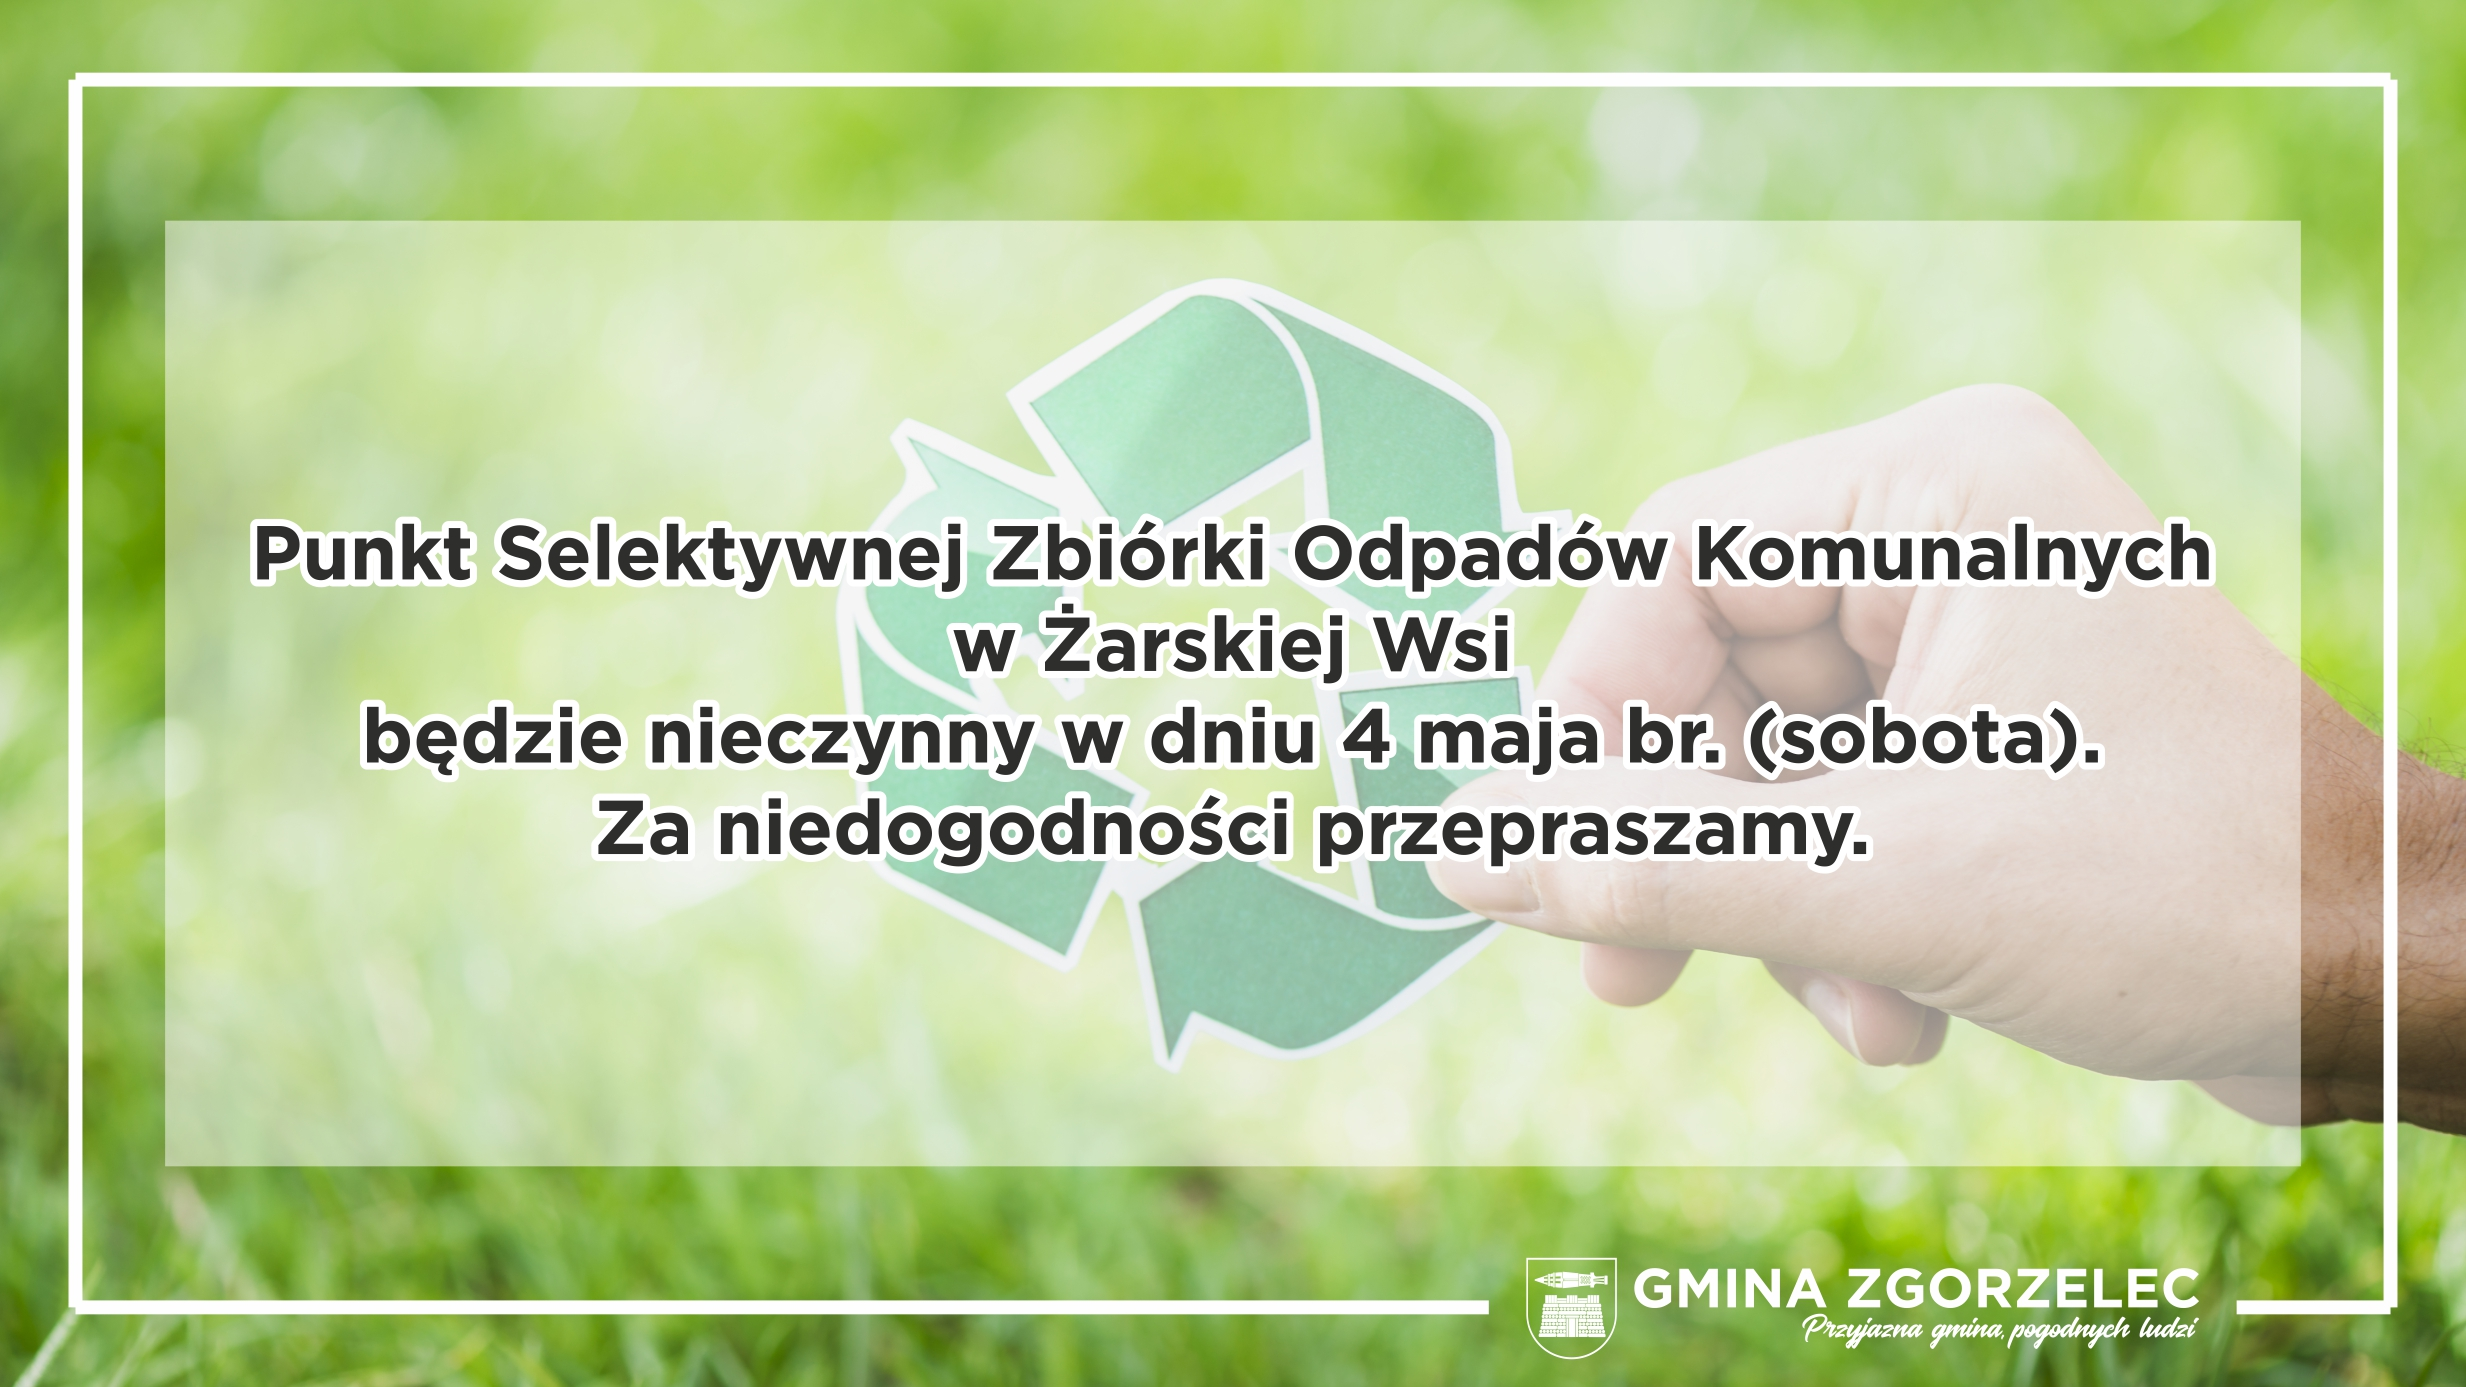 PSZOK w Żarskiej Wsi 4 maja br. – nieczynny